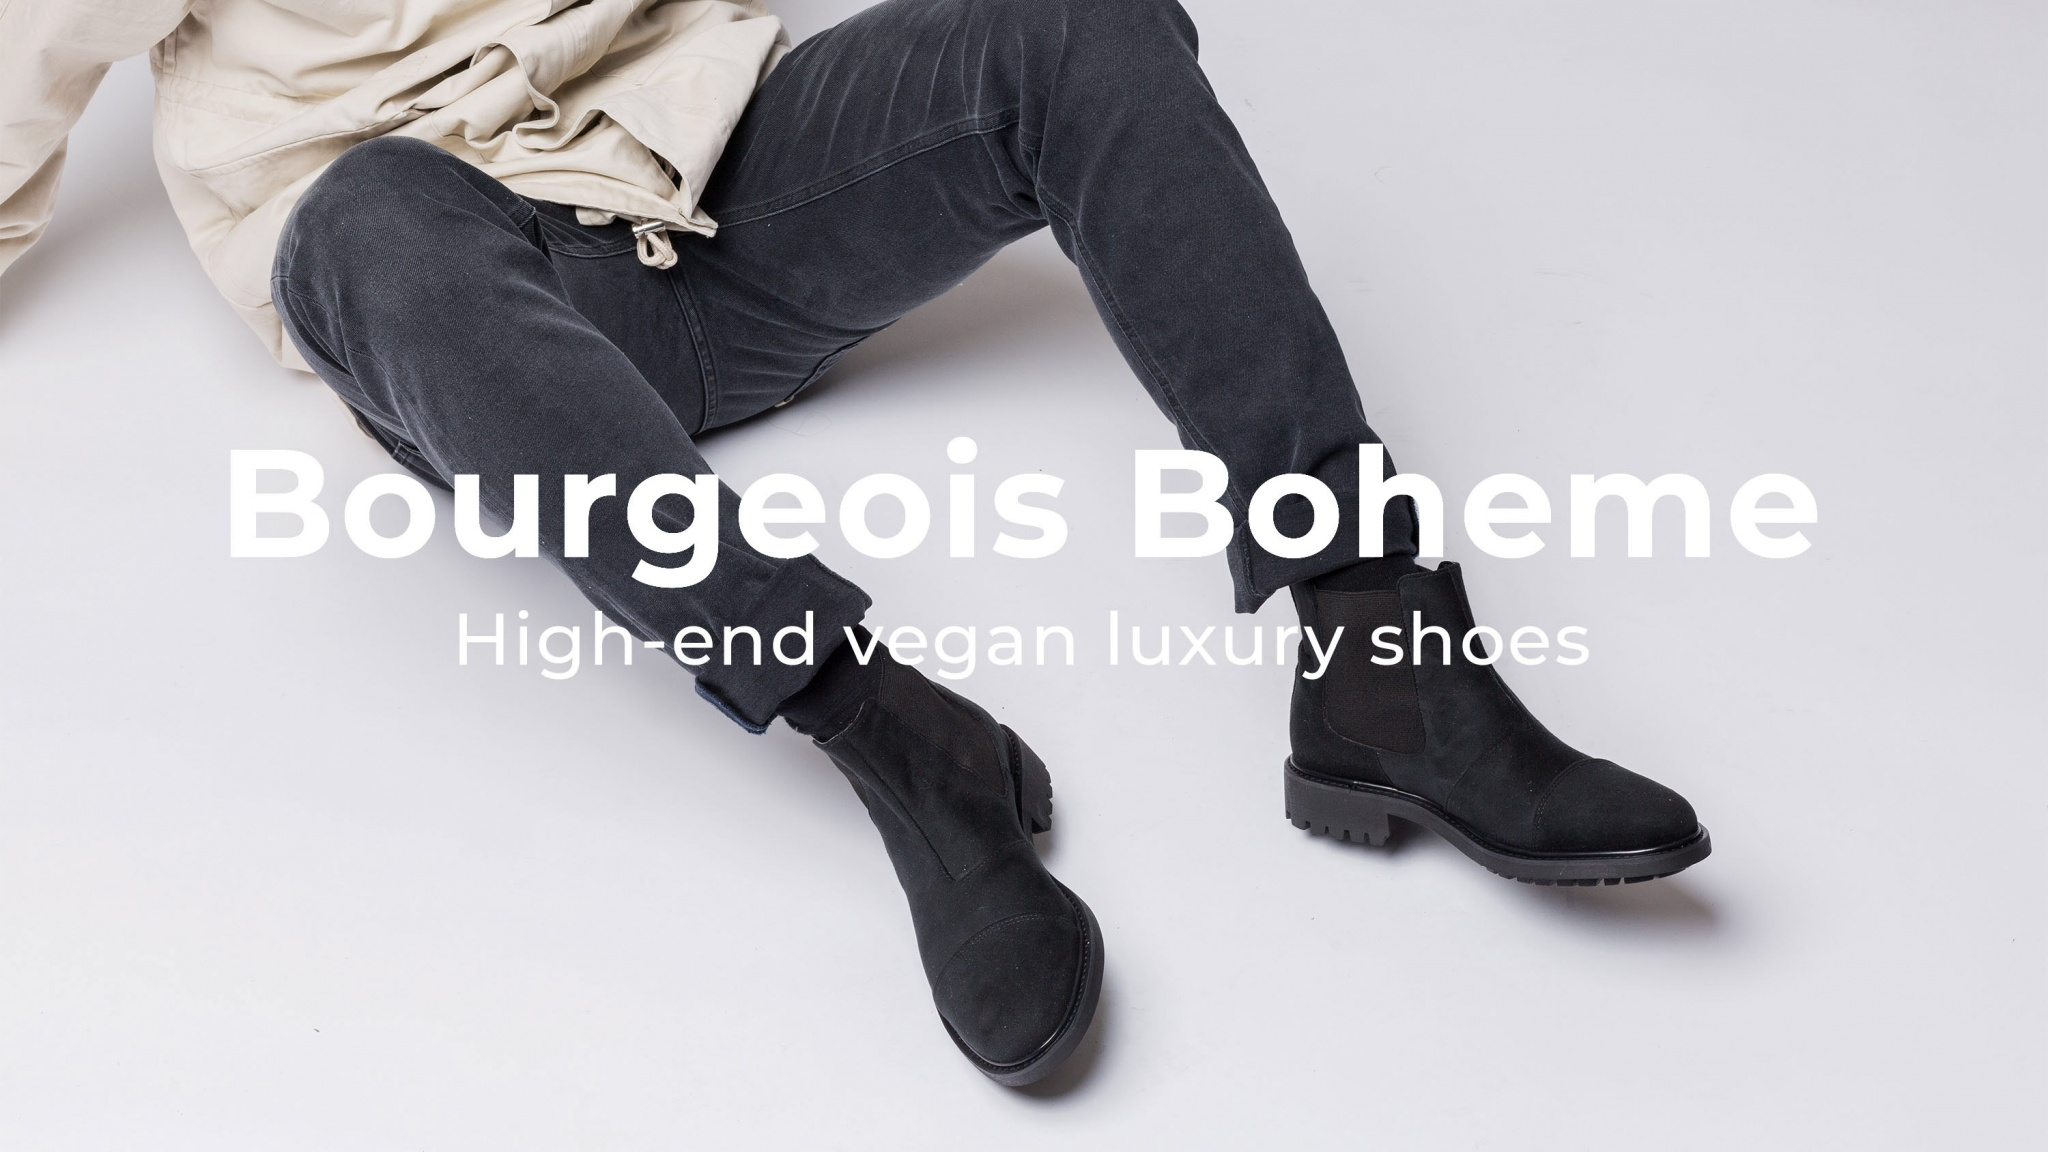 Veganska skor från Bourgeois Boheme